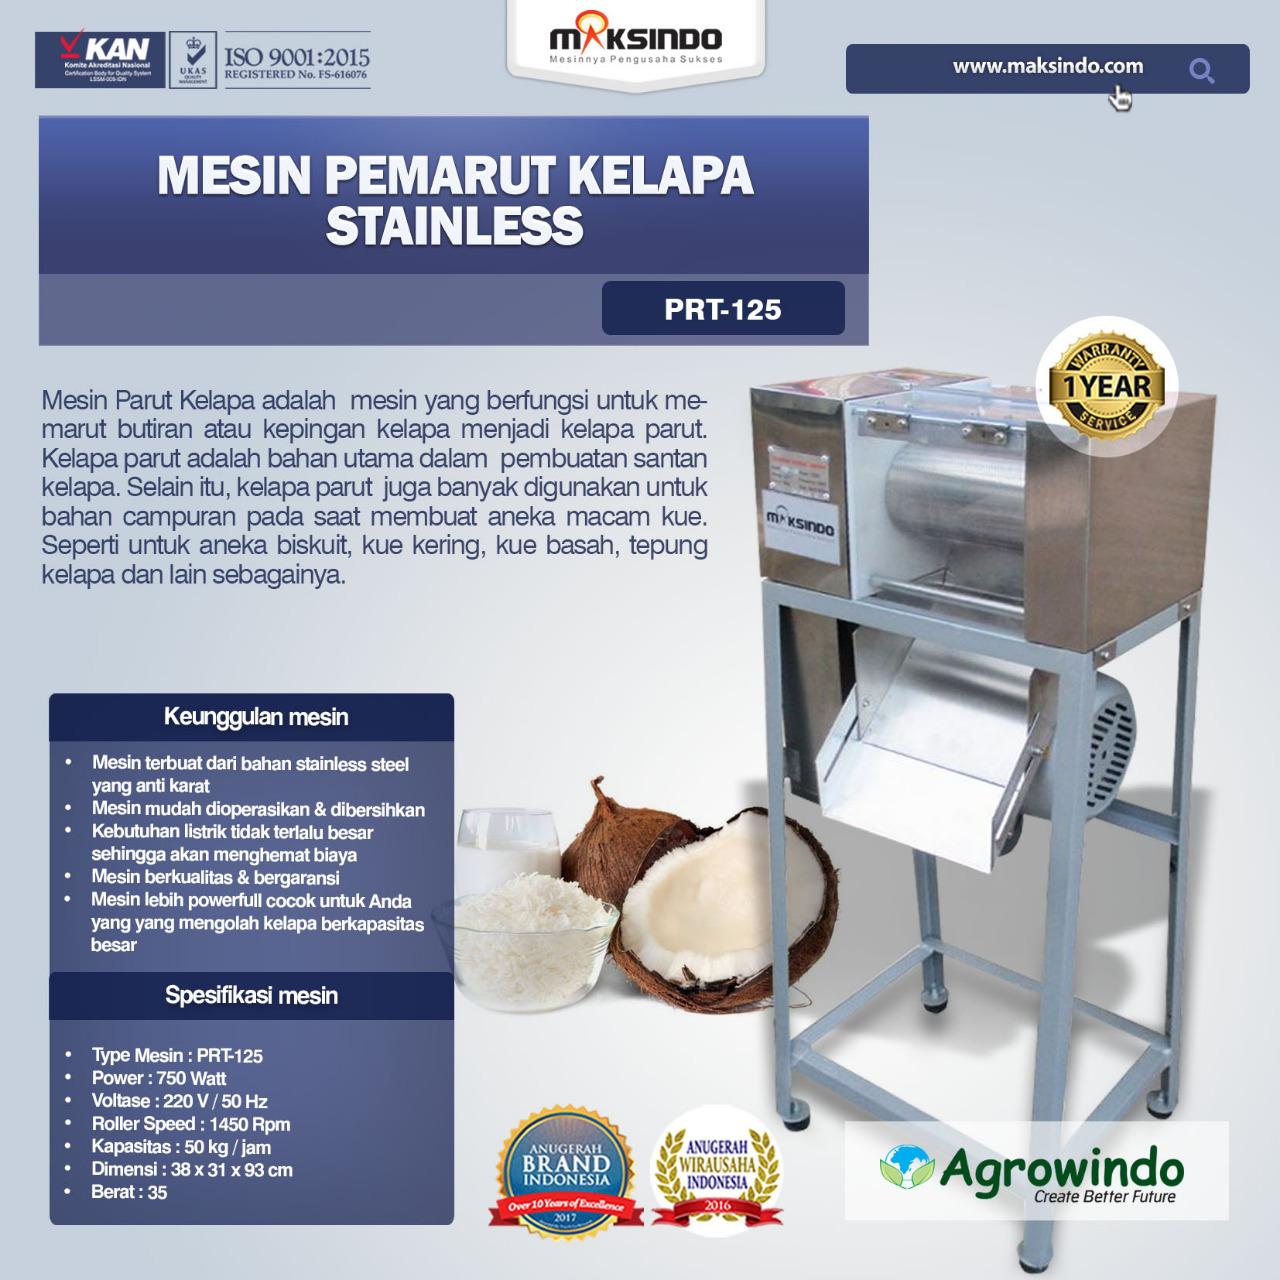 Jual Mesin Pemarut Kelapa Stainless PRT-125 di Bekasi